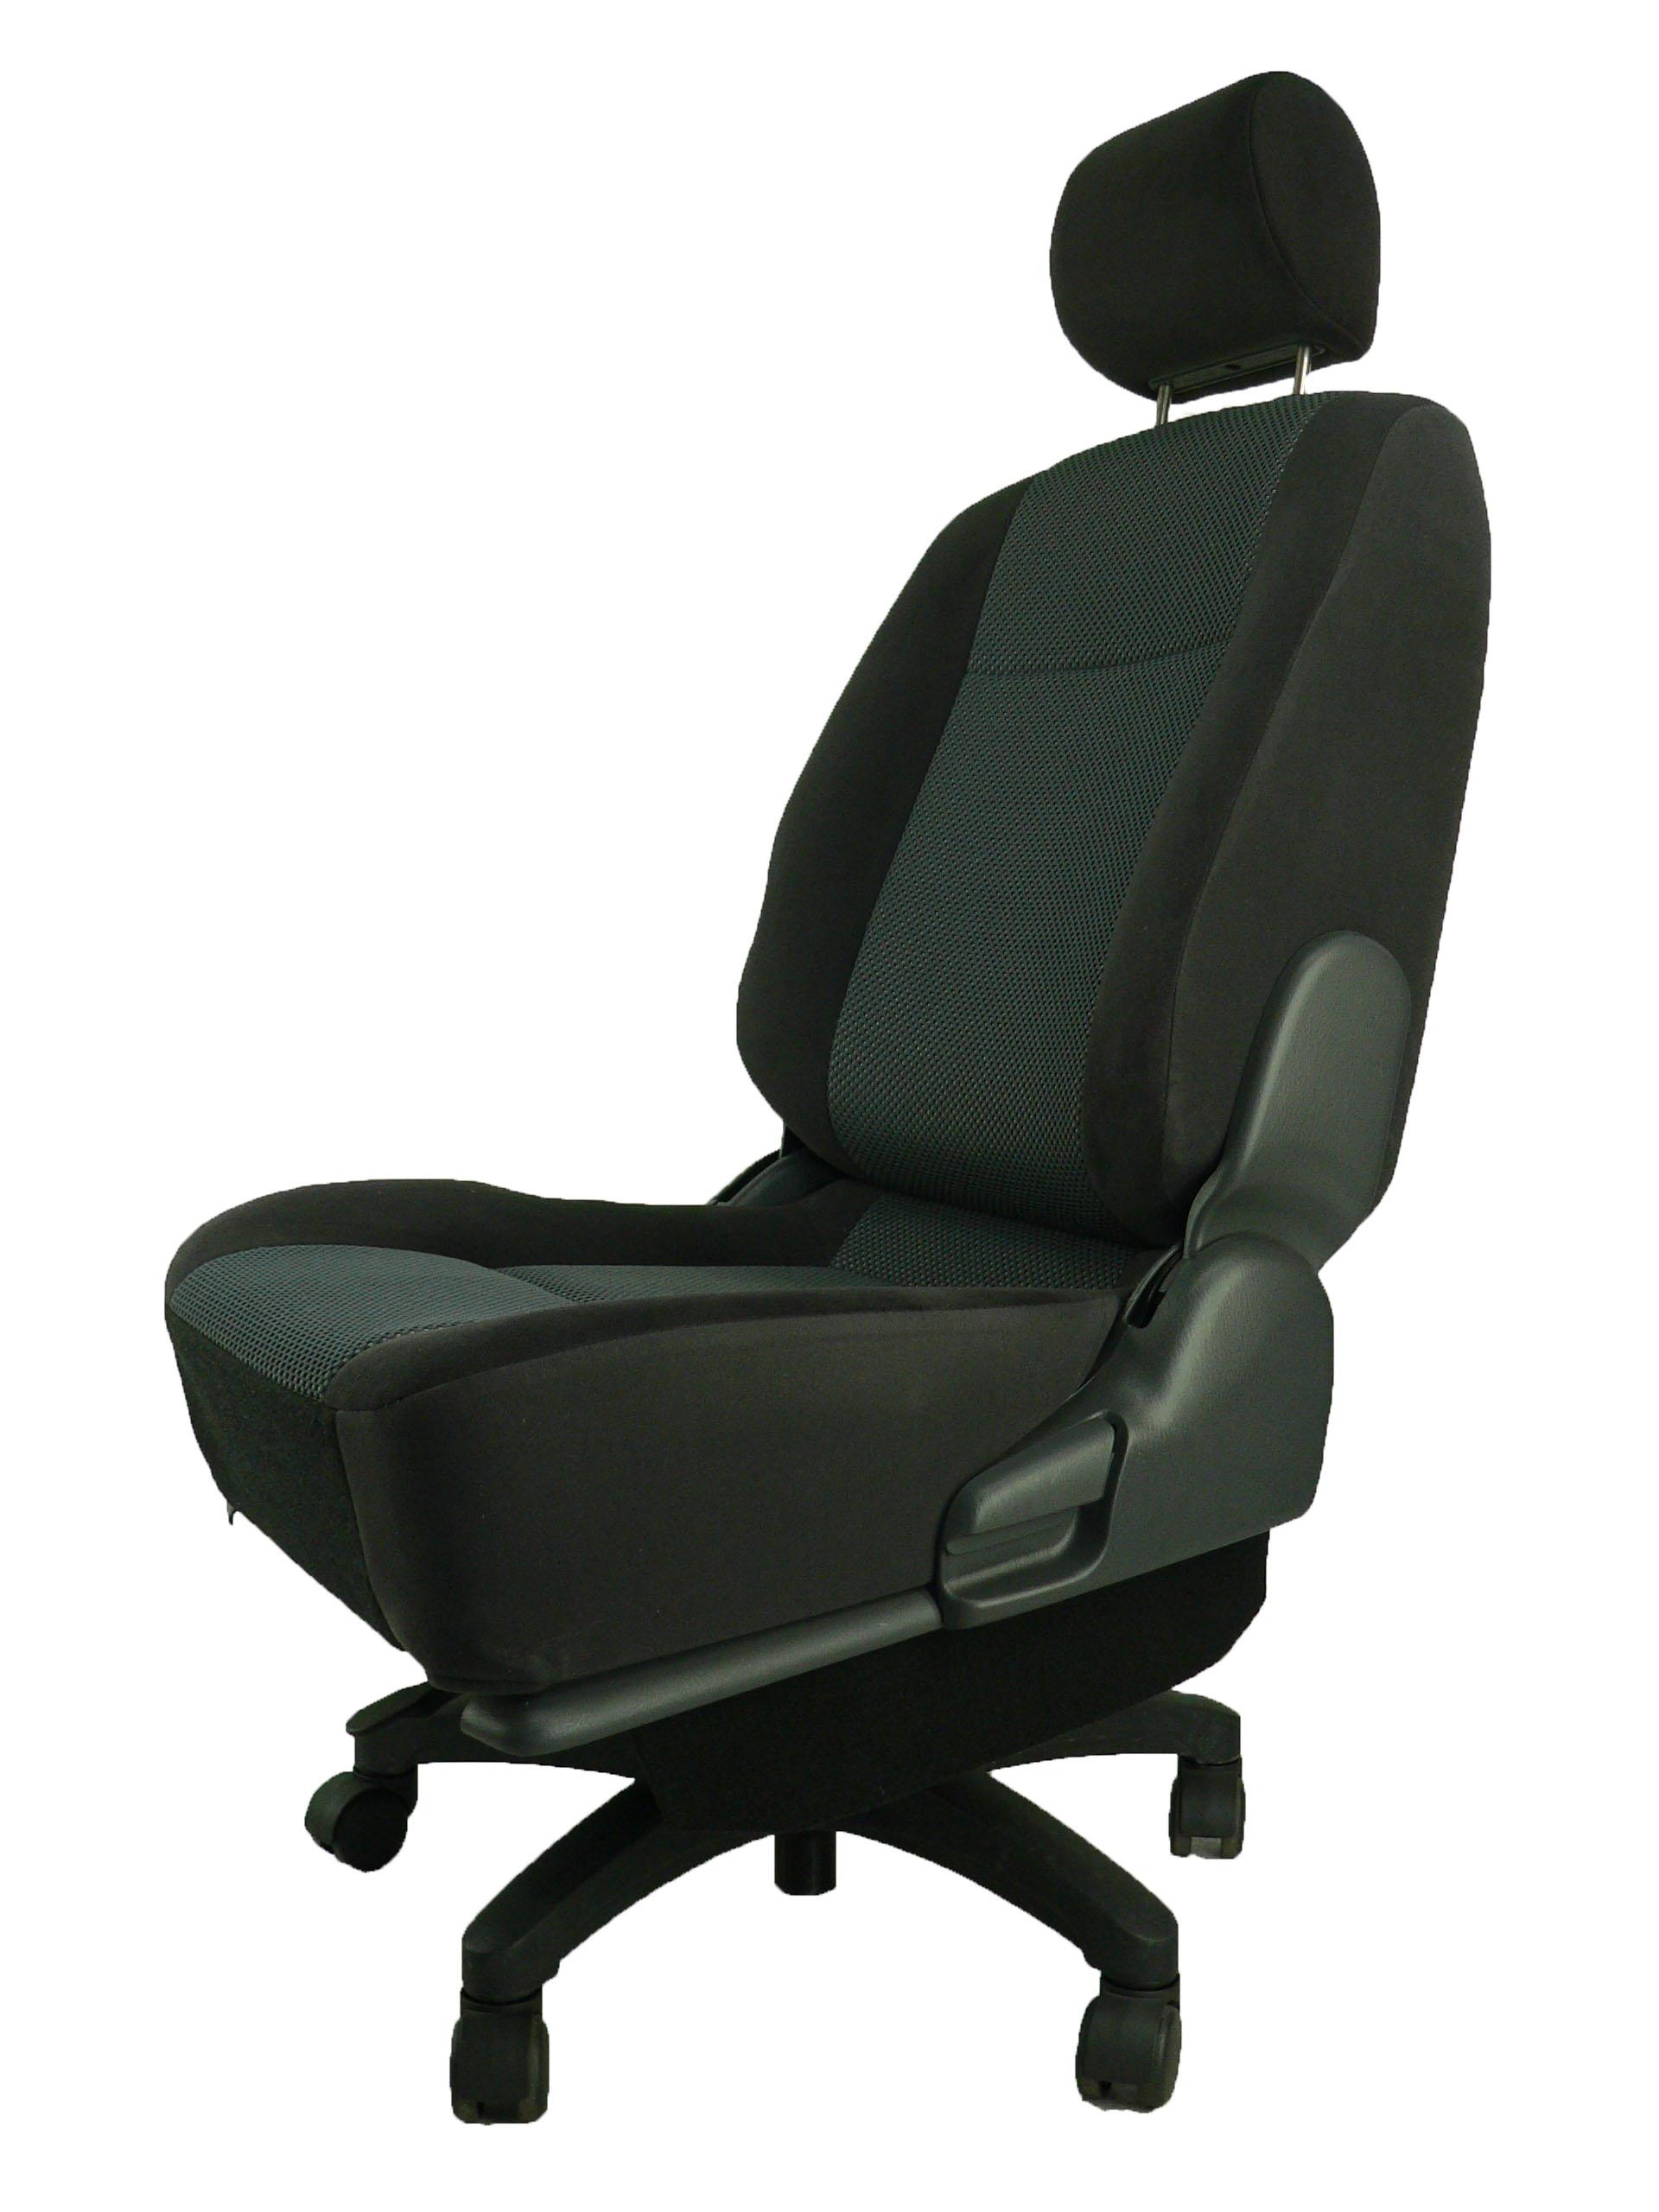 日産プレサージュ VU30★自動車シートがリクライニングチェアー(デスクチェア)に、環境と健康に優しい椅子。パソコン作業に。